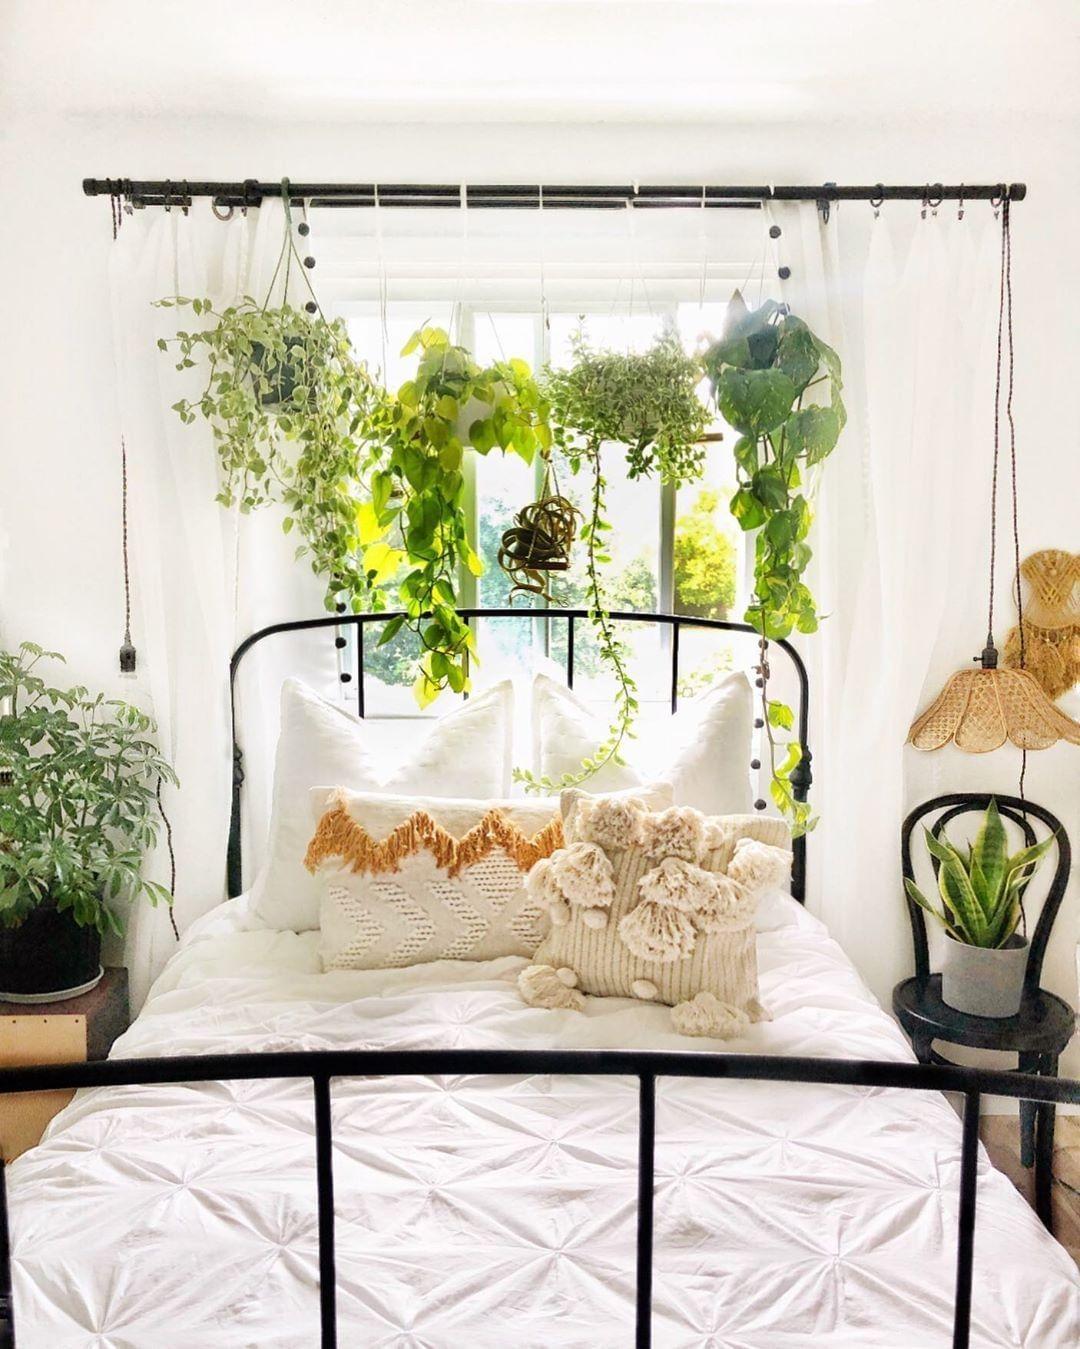 Wir können nicht übersehen, wie schön die hängenden Pflanzen in ...